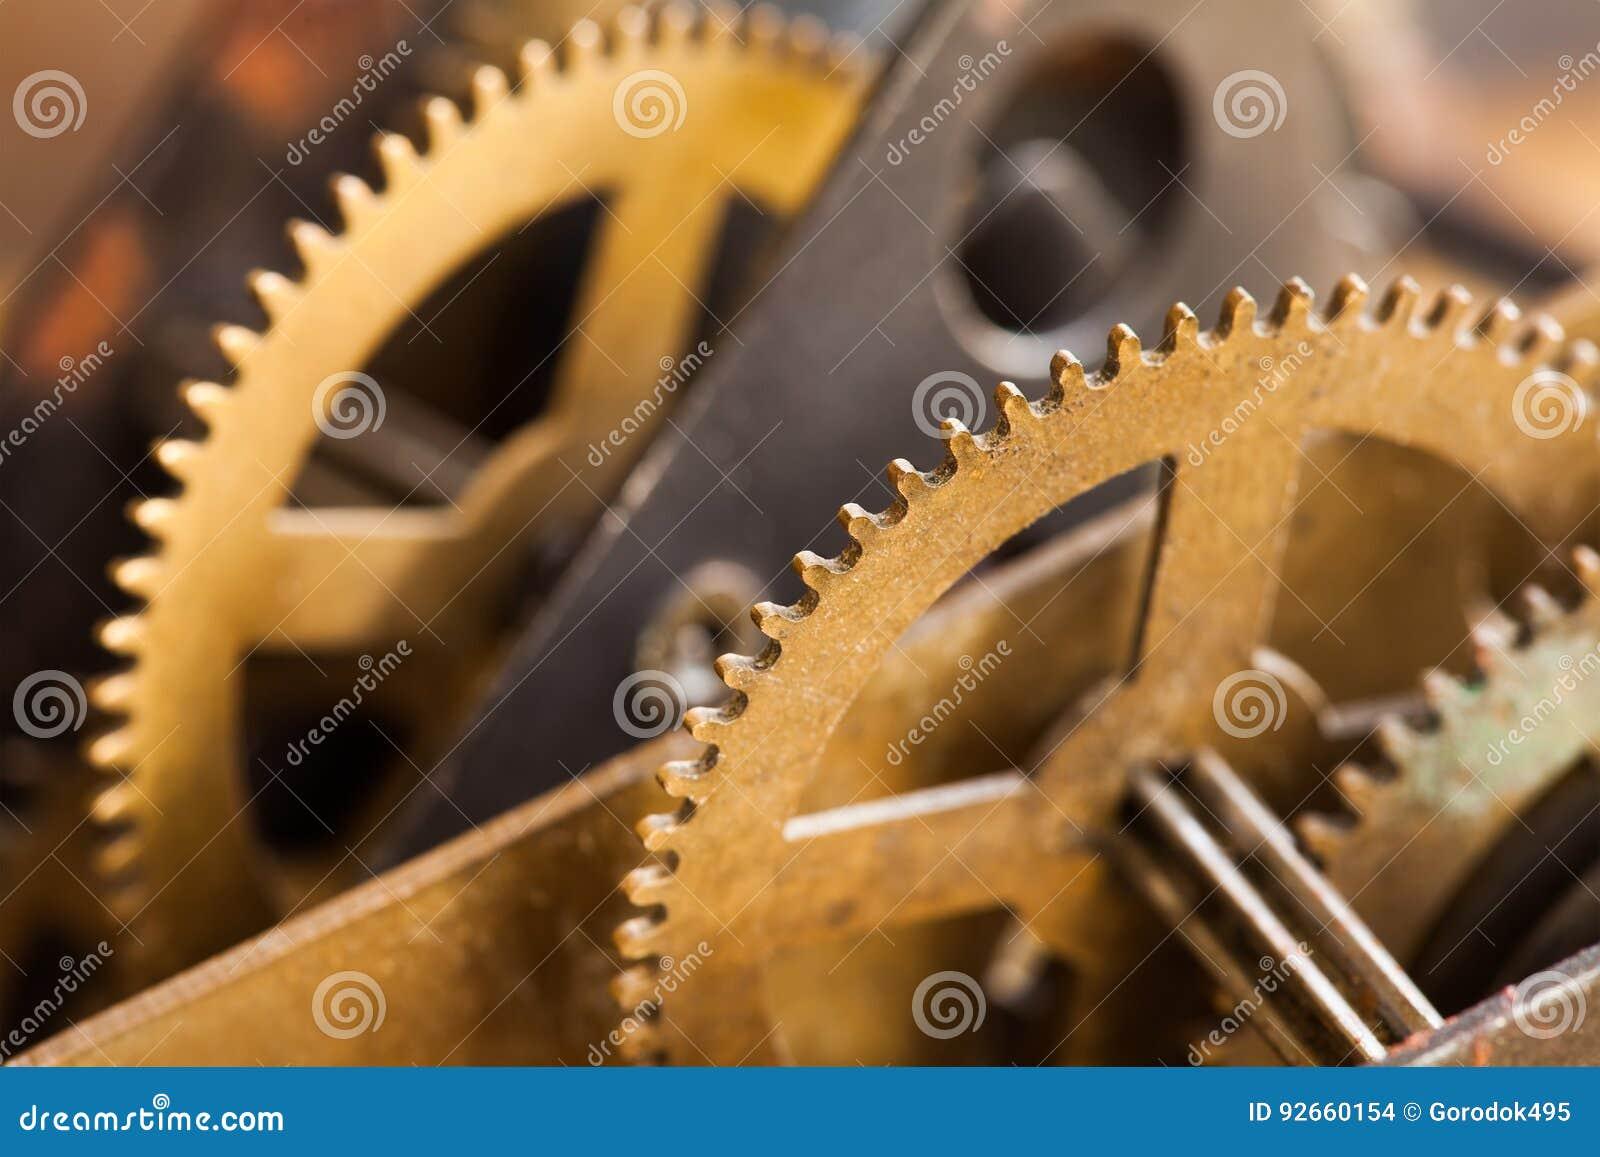 För bronskugge för industriellt maskineri sikt för makro för överföring Åldrig mekanism för tänder för metallkugghjulhjul, fält f